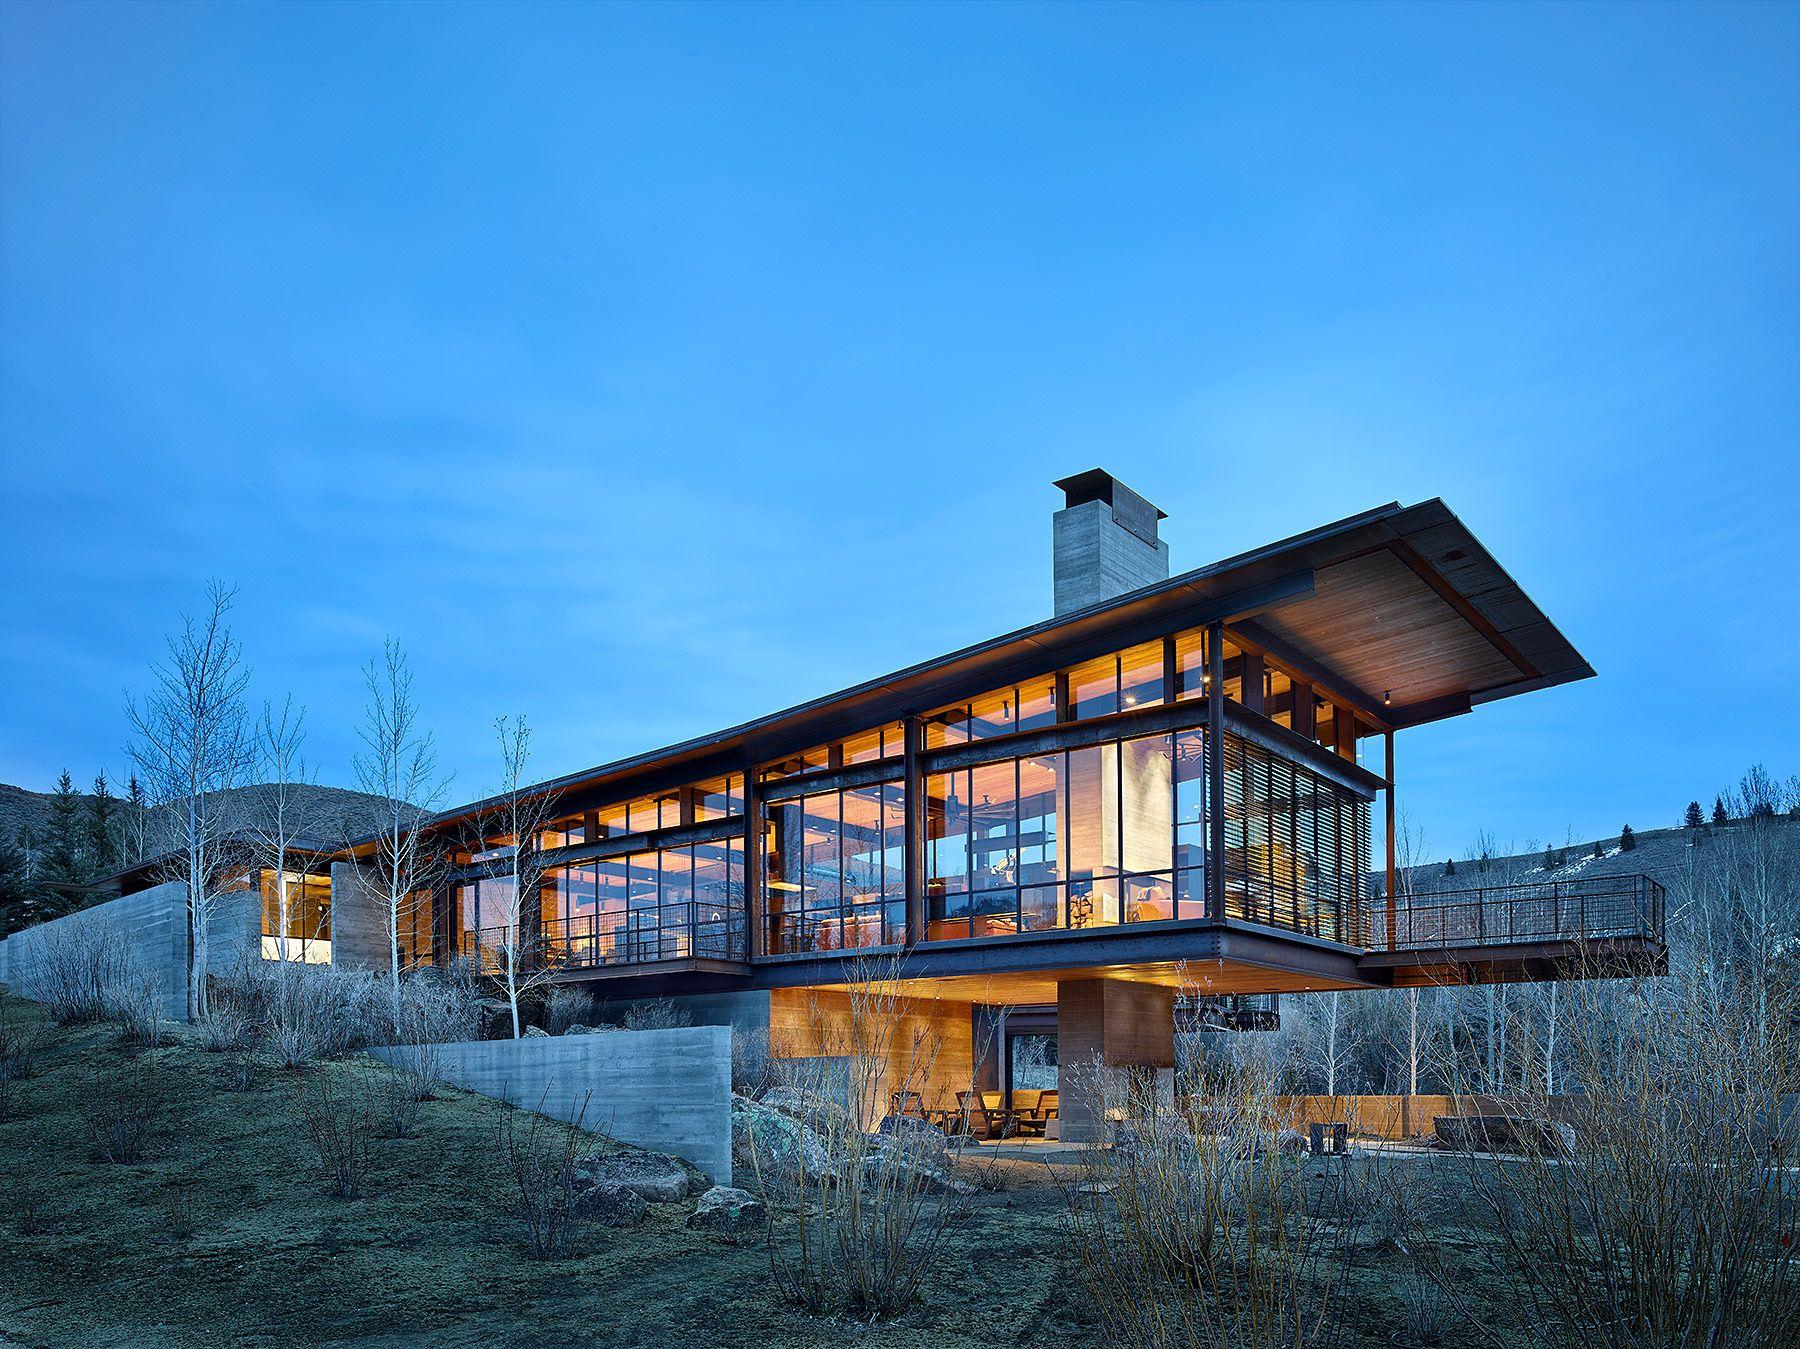 Exceptional Residencia En Idaho Por Olson Kundig   Tom Kundig | Galería De Fotos 11 De  12. Zeitgenössische HäuserModerne HäuserErstaunliche HäuserArchitekturHaus  ...